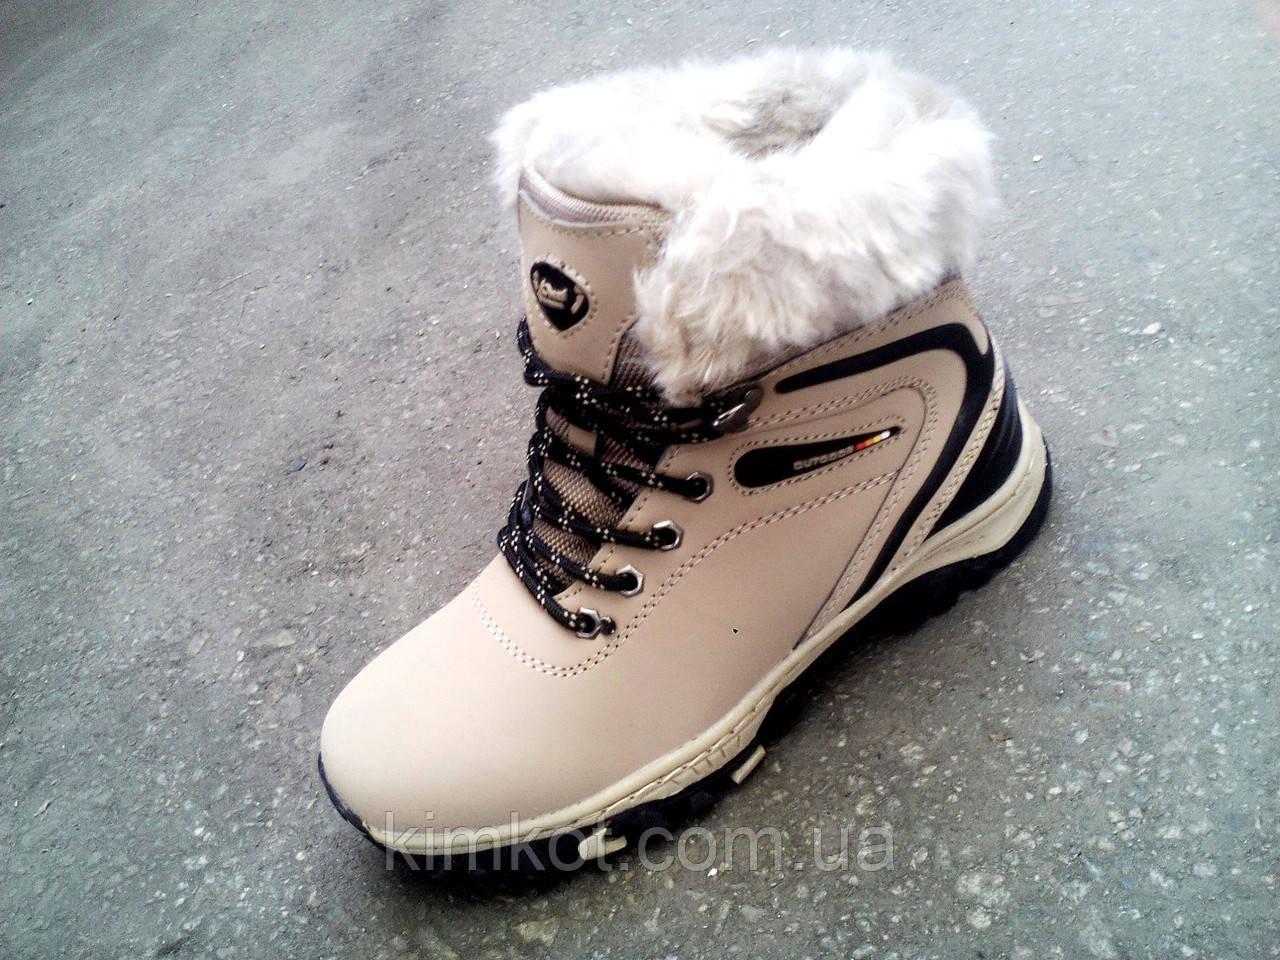 2cdd9a98 Подростковые спортивные зимние ботинки 36 -41 р-р - Интернет-Магазин